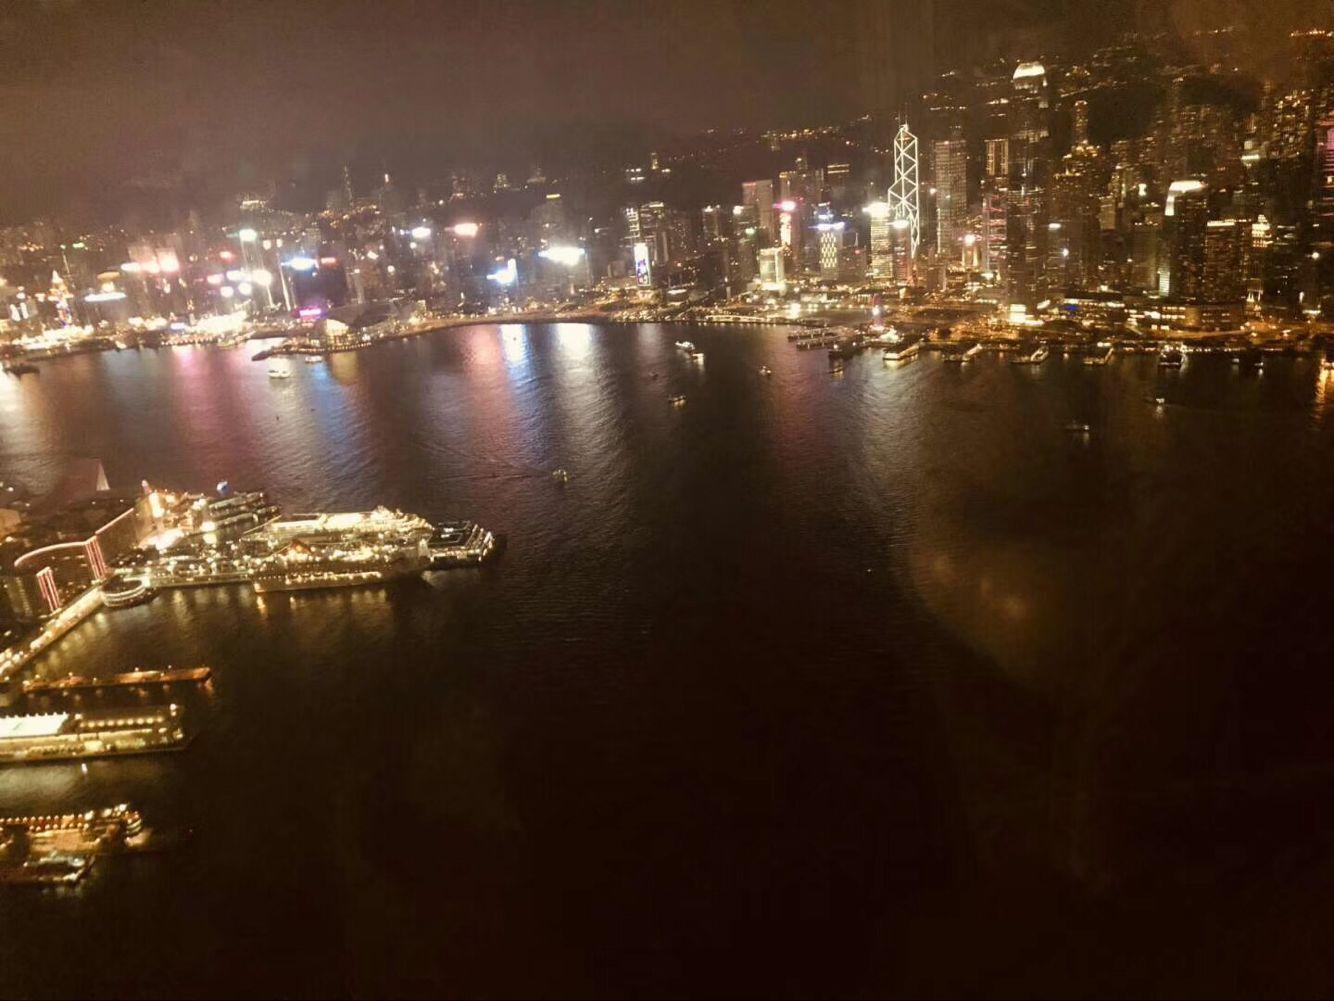 上海经济总量位居国内第几名_上海夜景